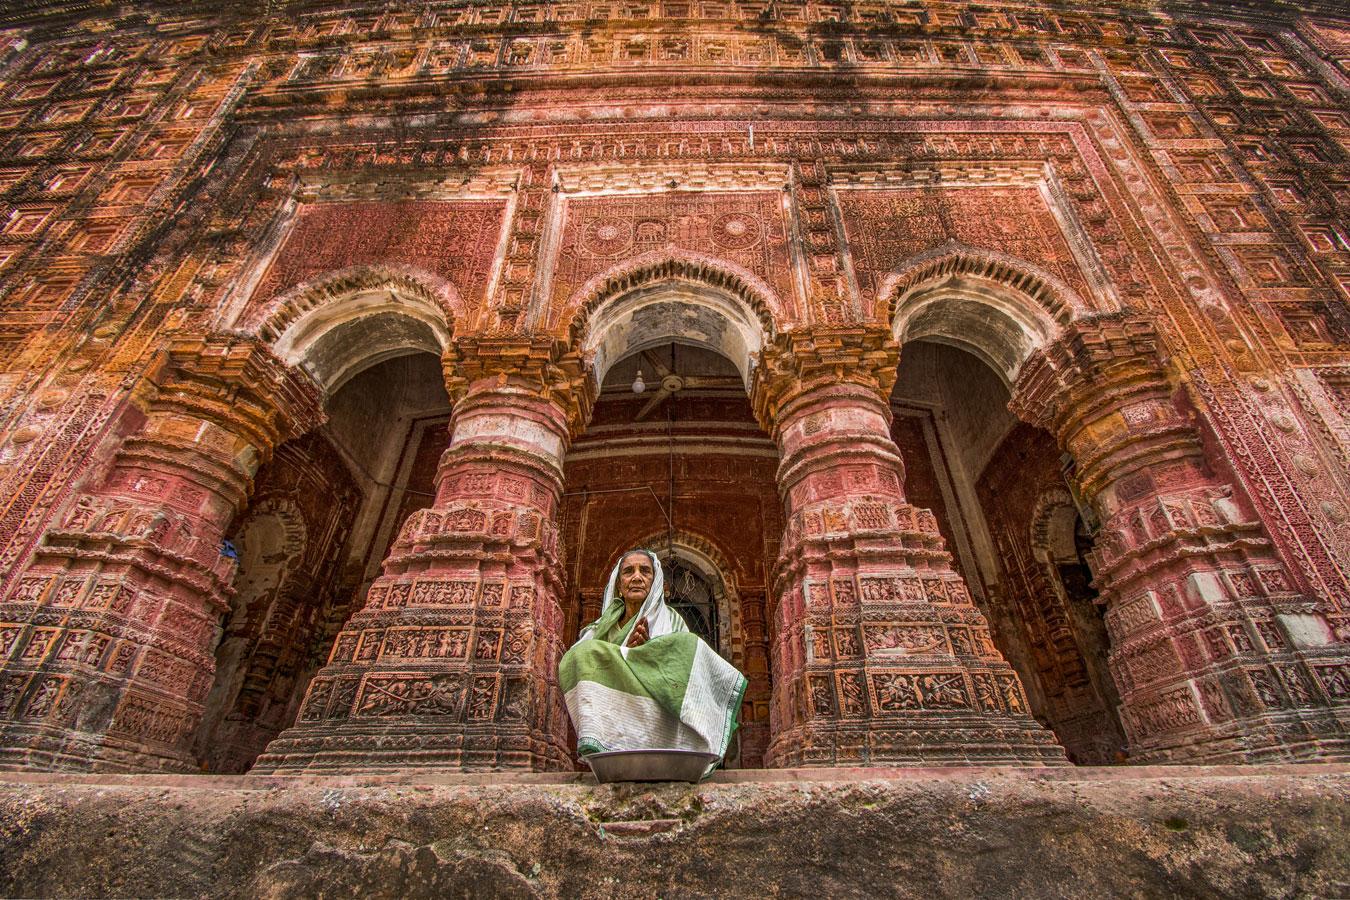 © Абдул Момин, 4-е место, Фотоконкурс «Вики любит памятники» — Wiki Loves Monuments